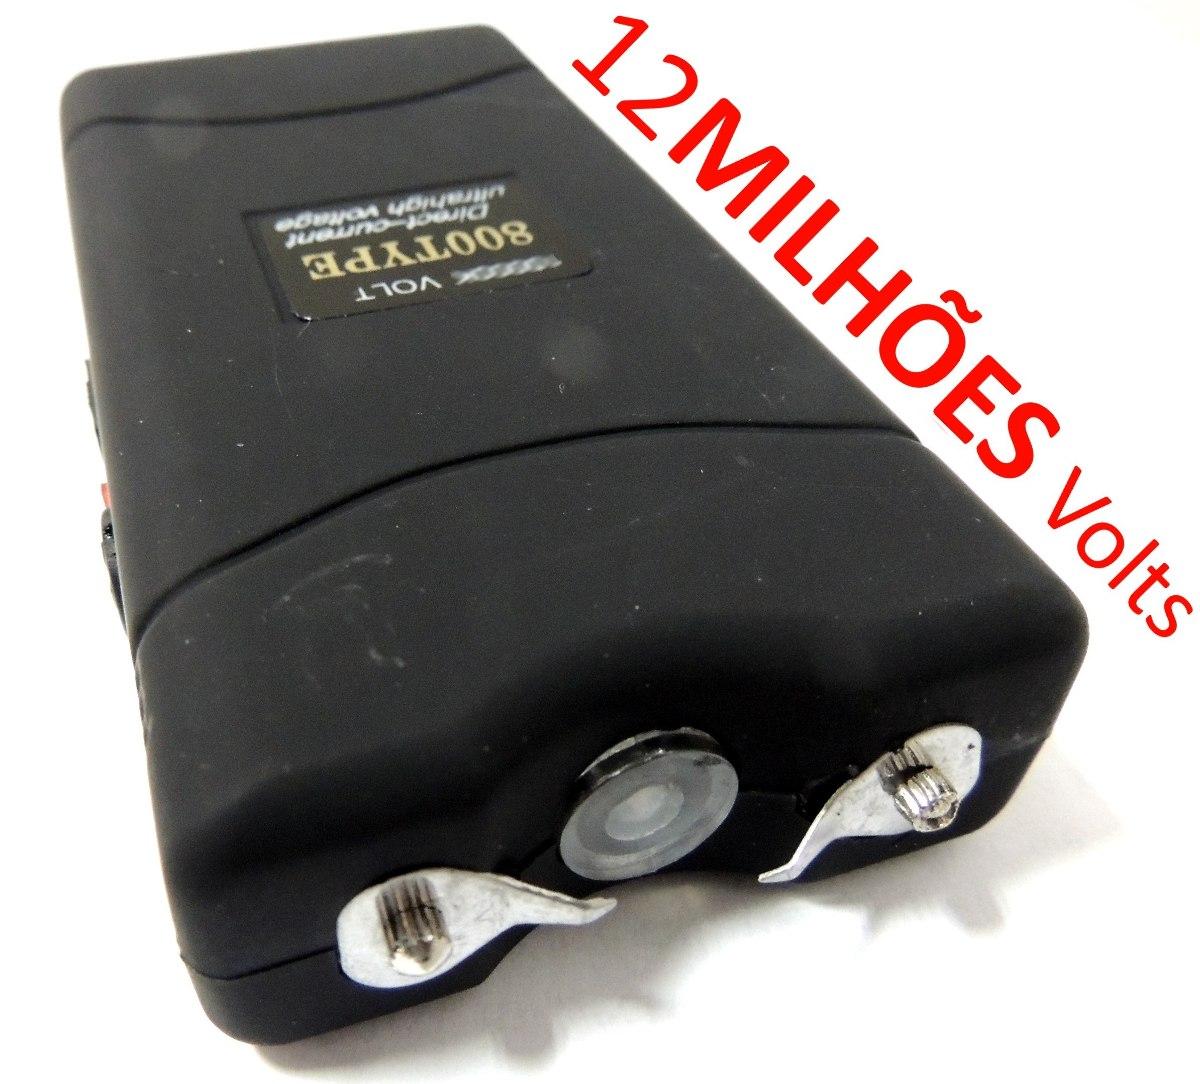 Aparelho De Choque Máquina Taser 12000kv Recarregável R$ 42 99 em  #C30C08 1200x1084